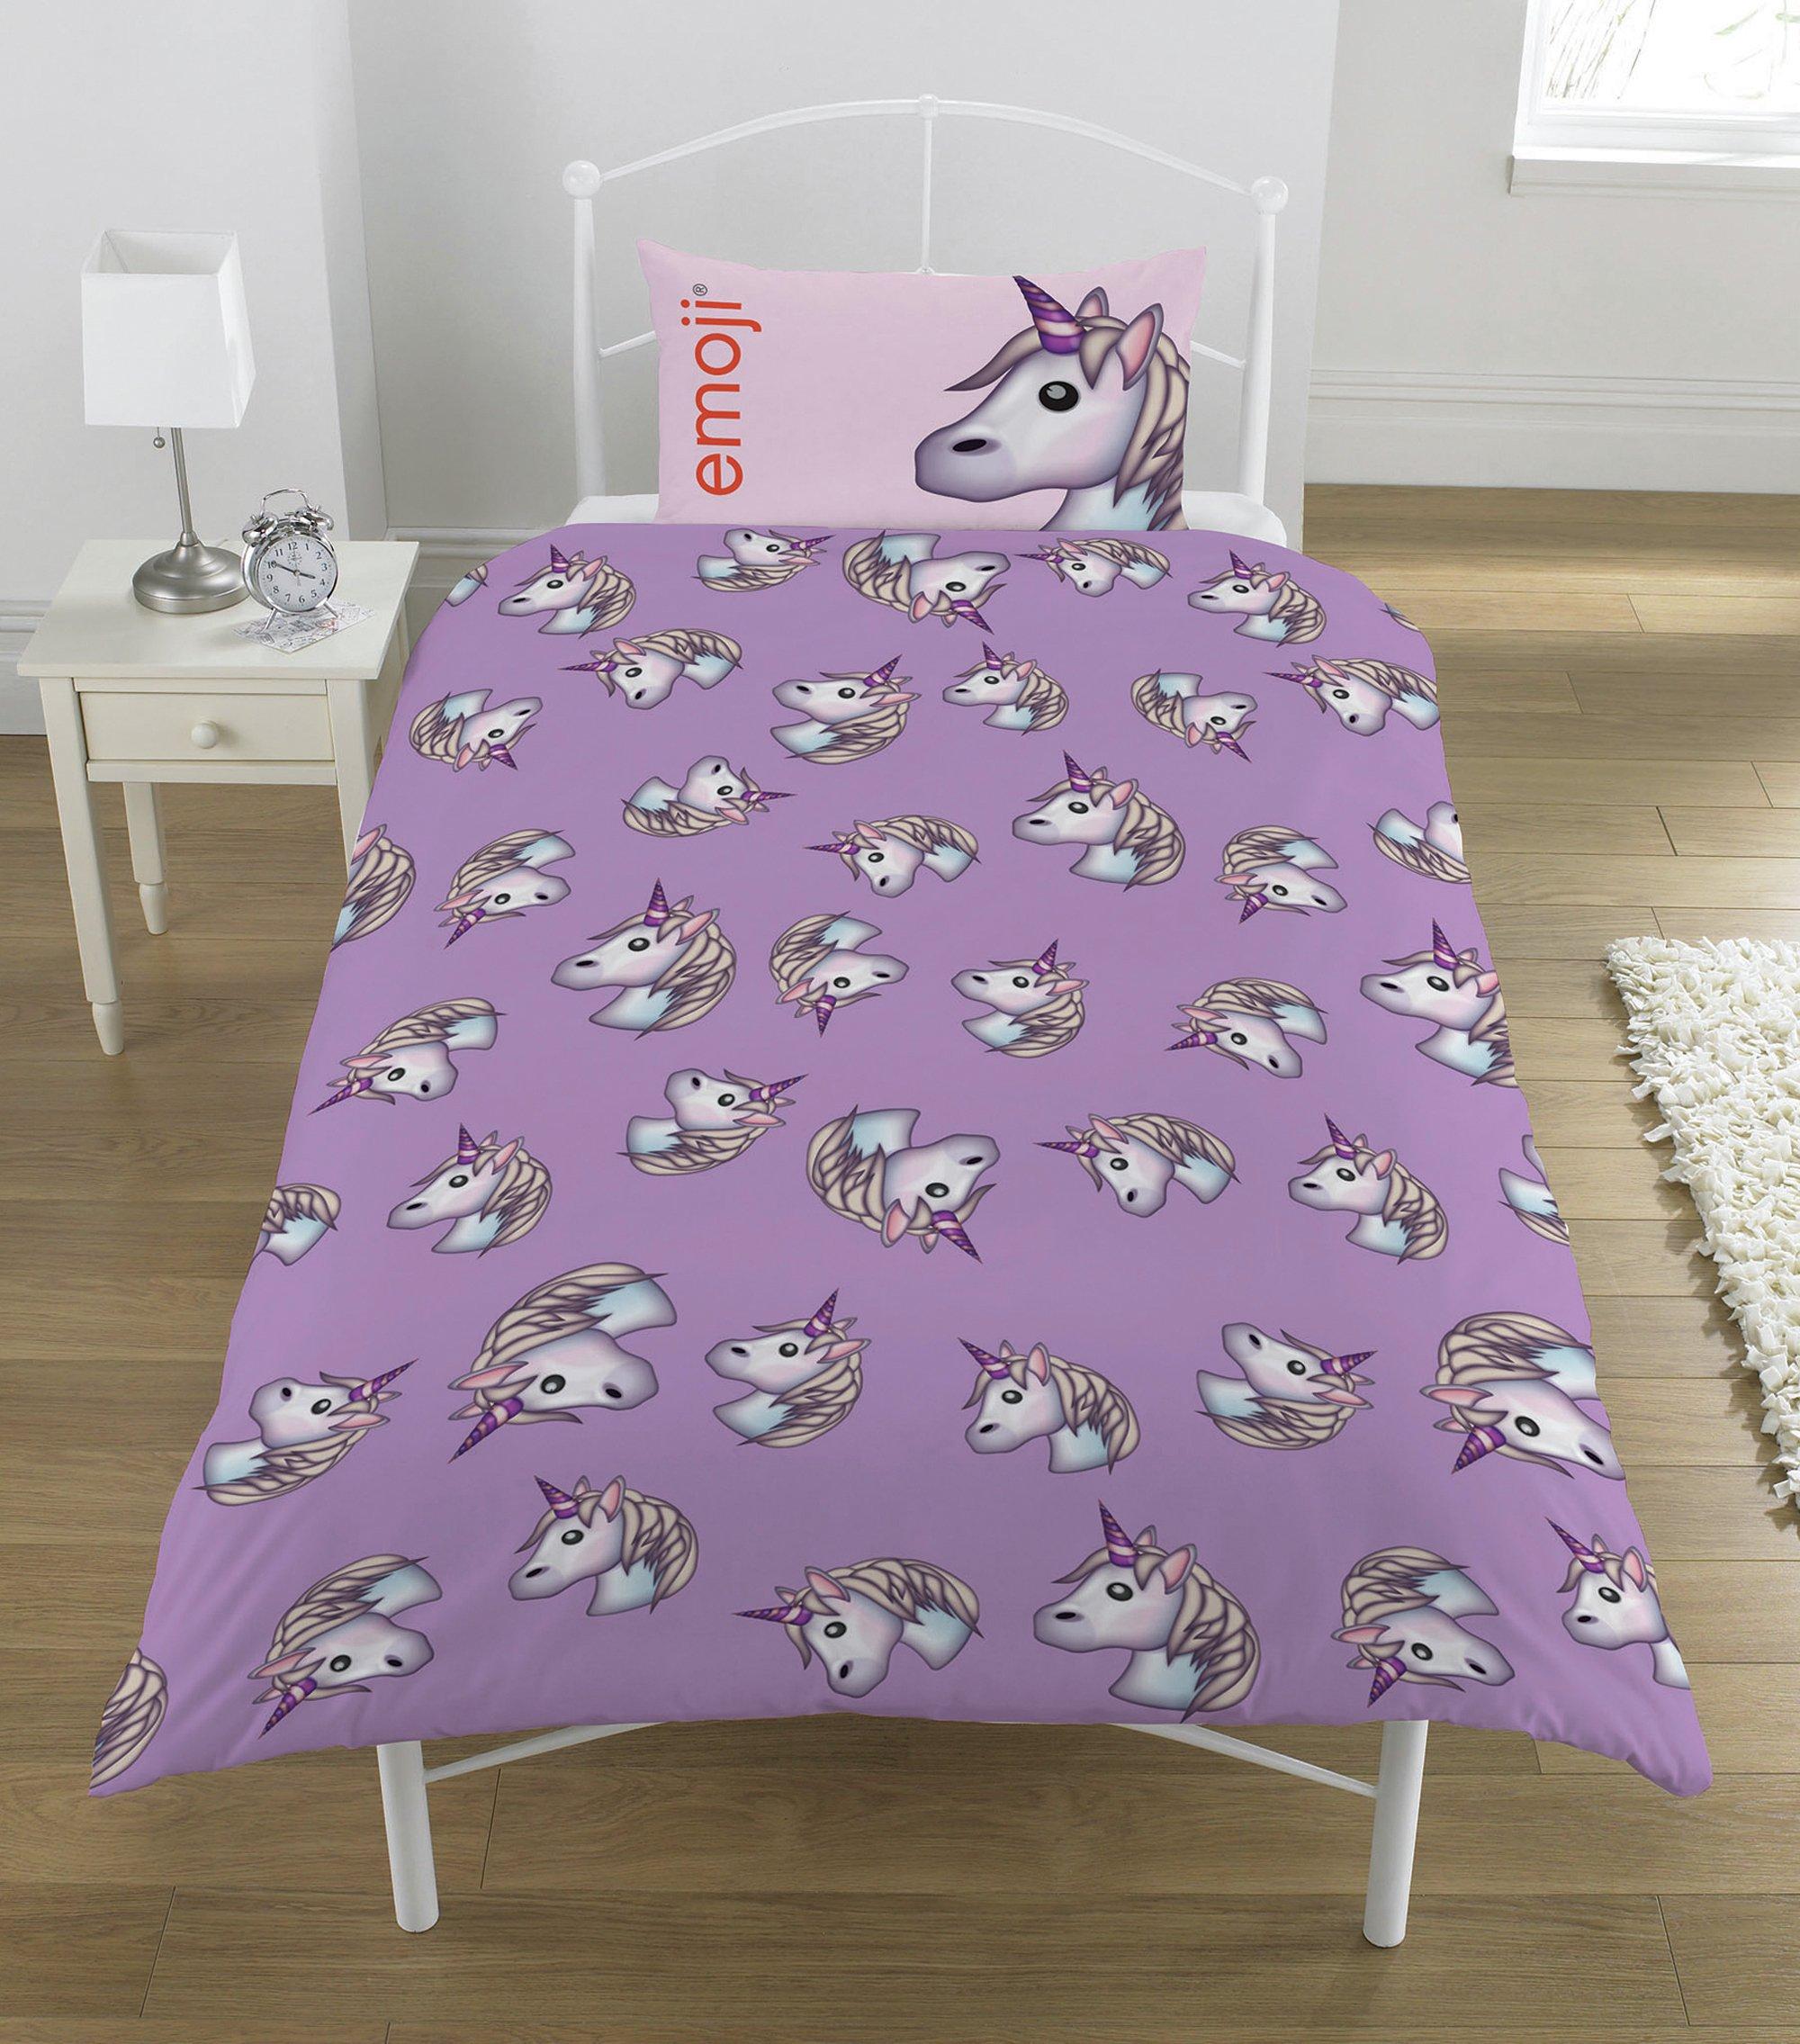 buy emoji unicorn bedding set - single at argos.co.uk - your